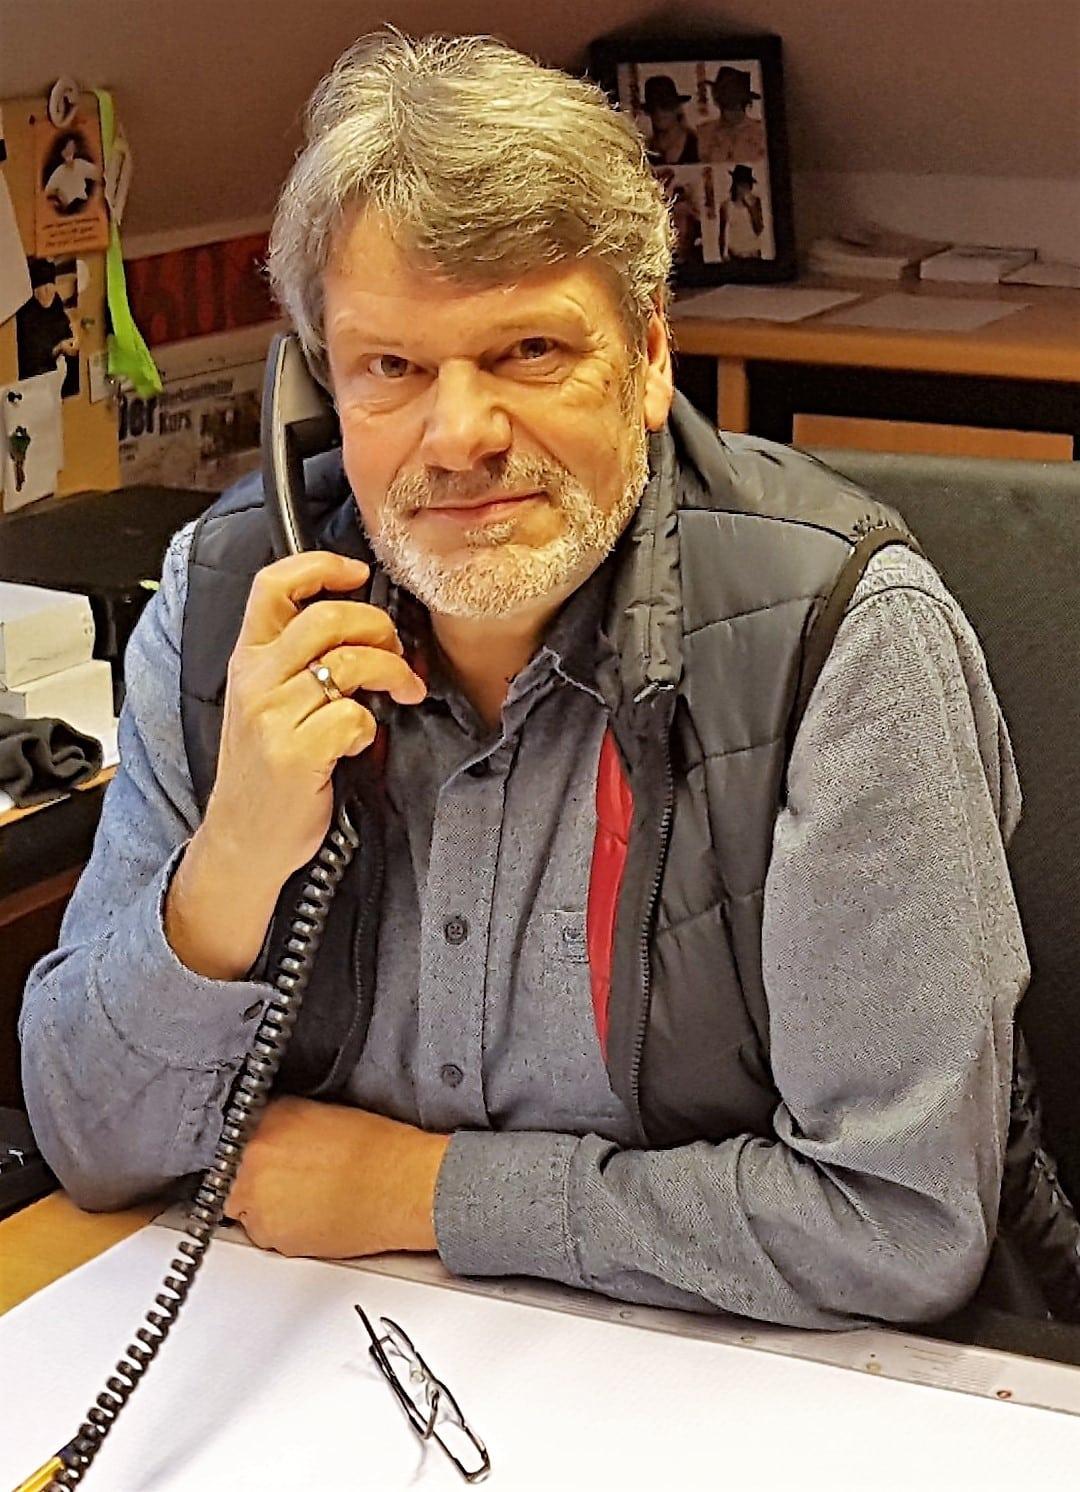 Michael Böhle